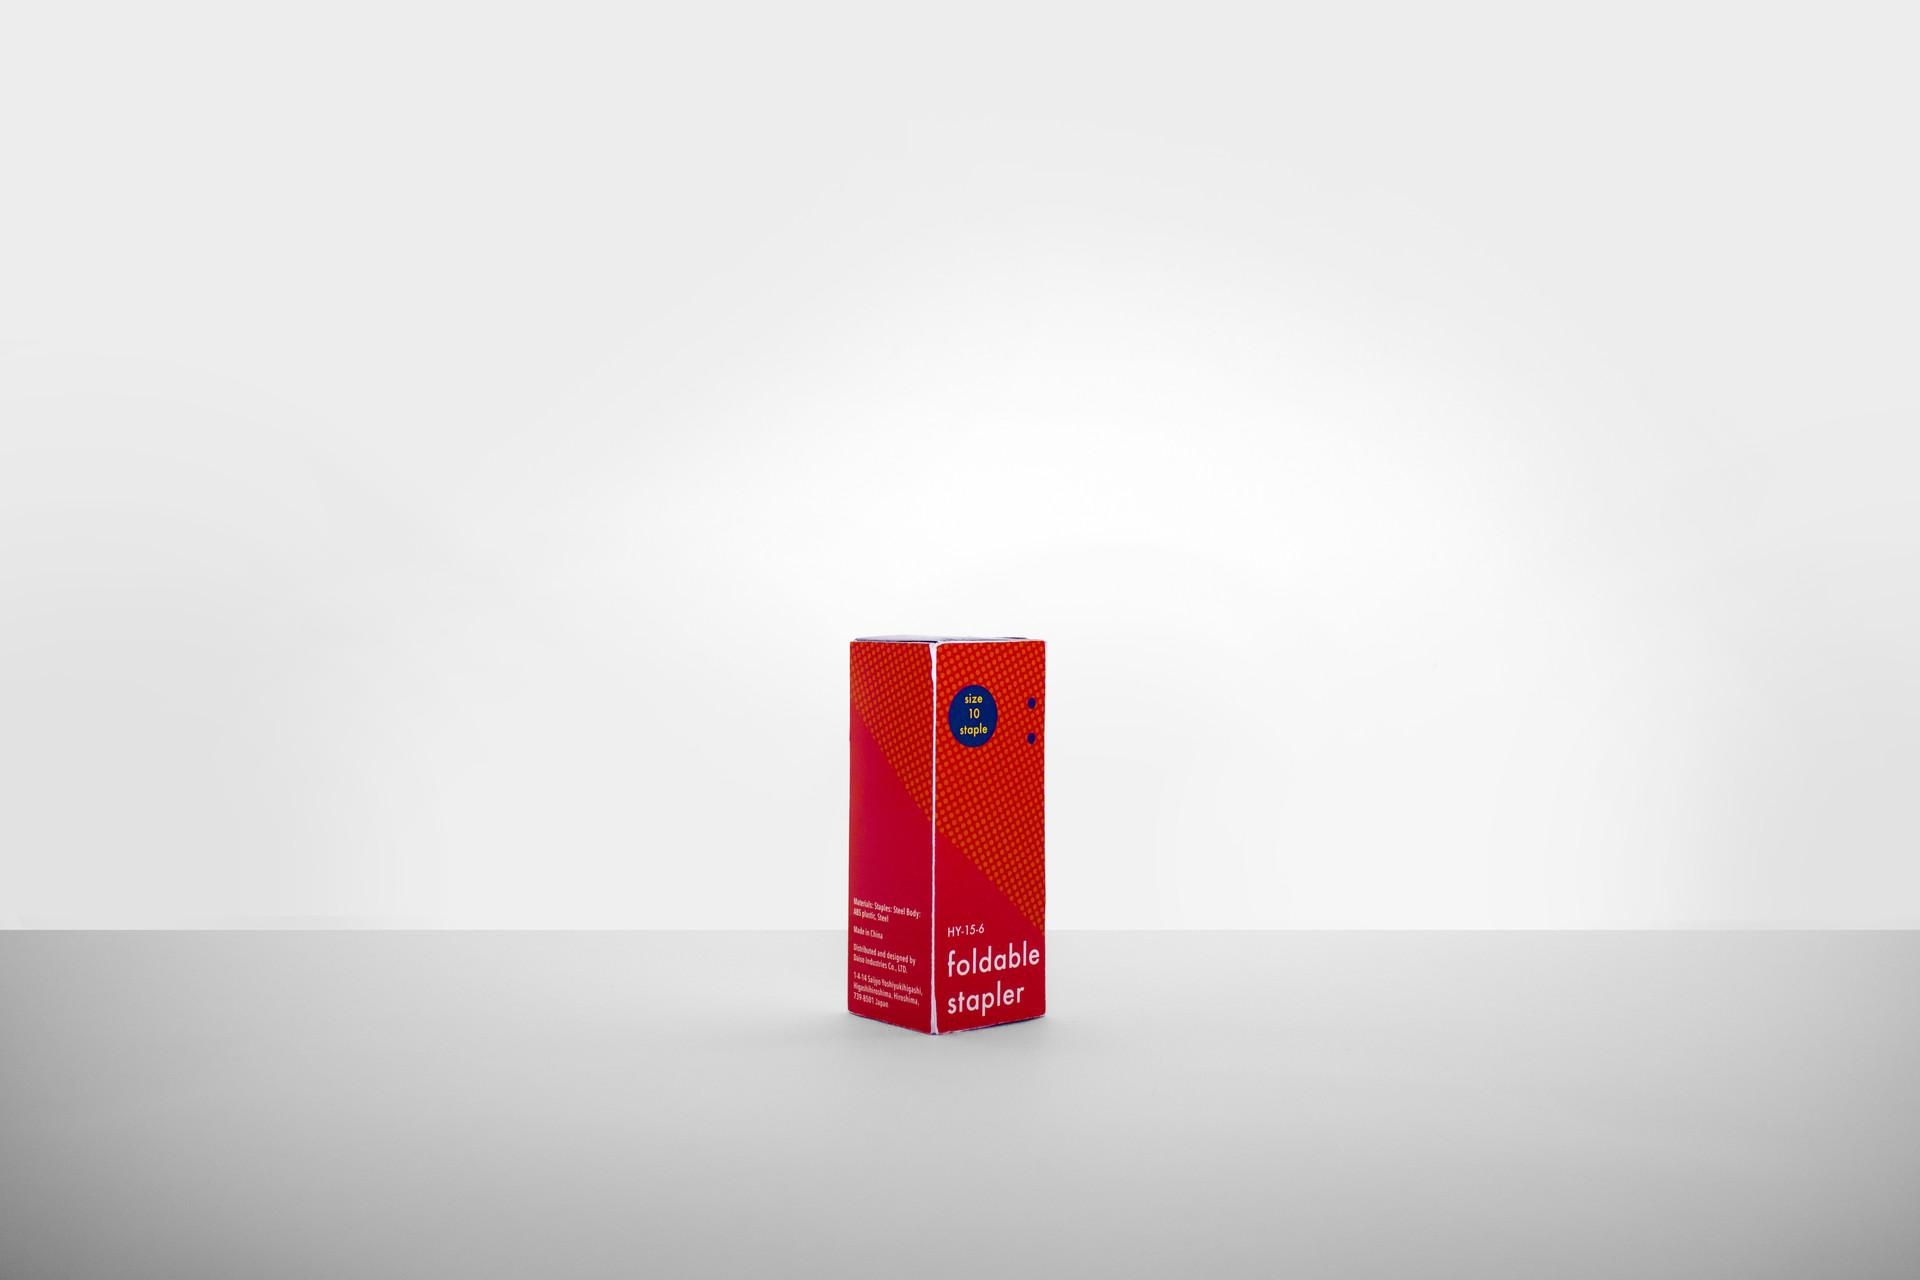 Artesano Foldable Stapler Package Design 1